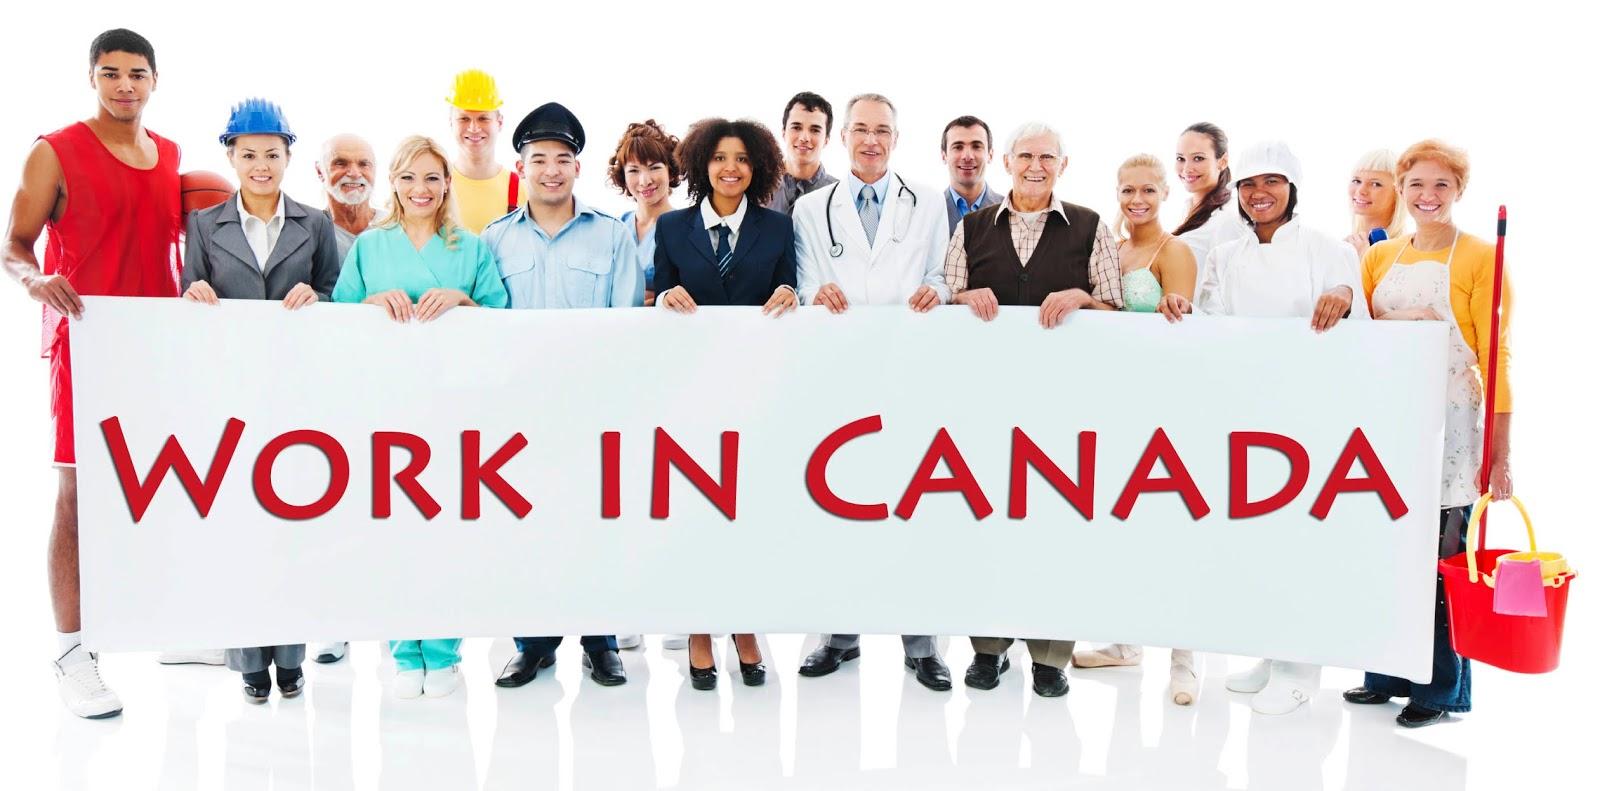 Điều kiện định cư Canada diện tay nghề